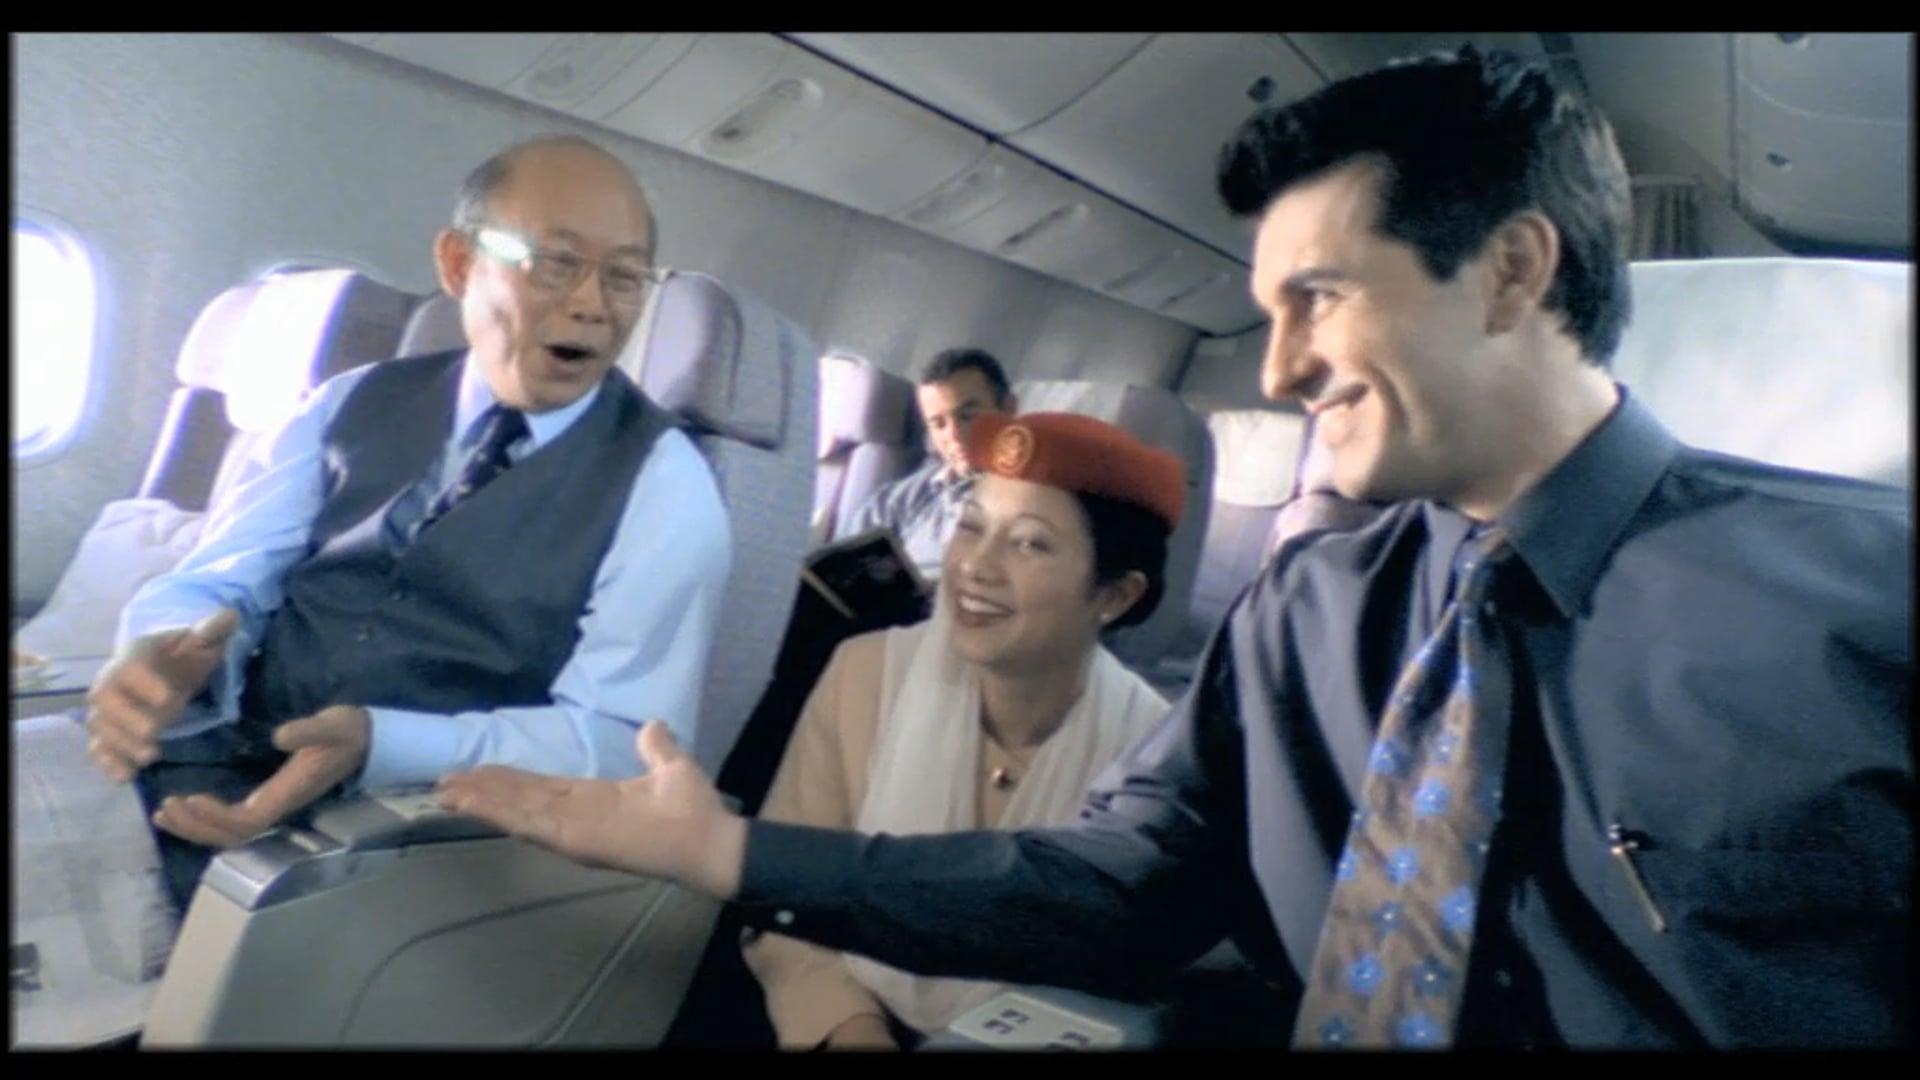 Emirates_Airlines - Crew